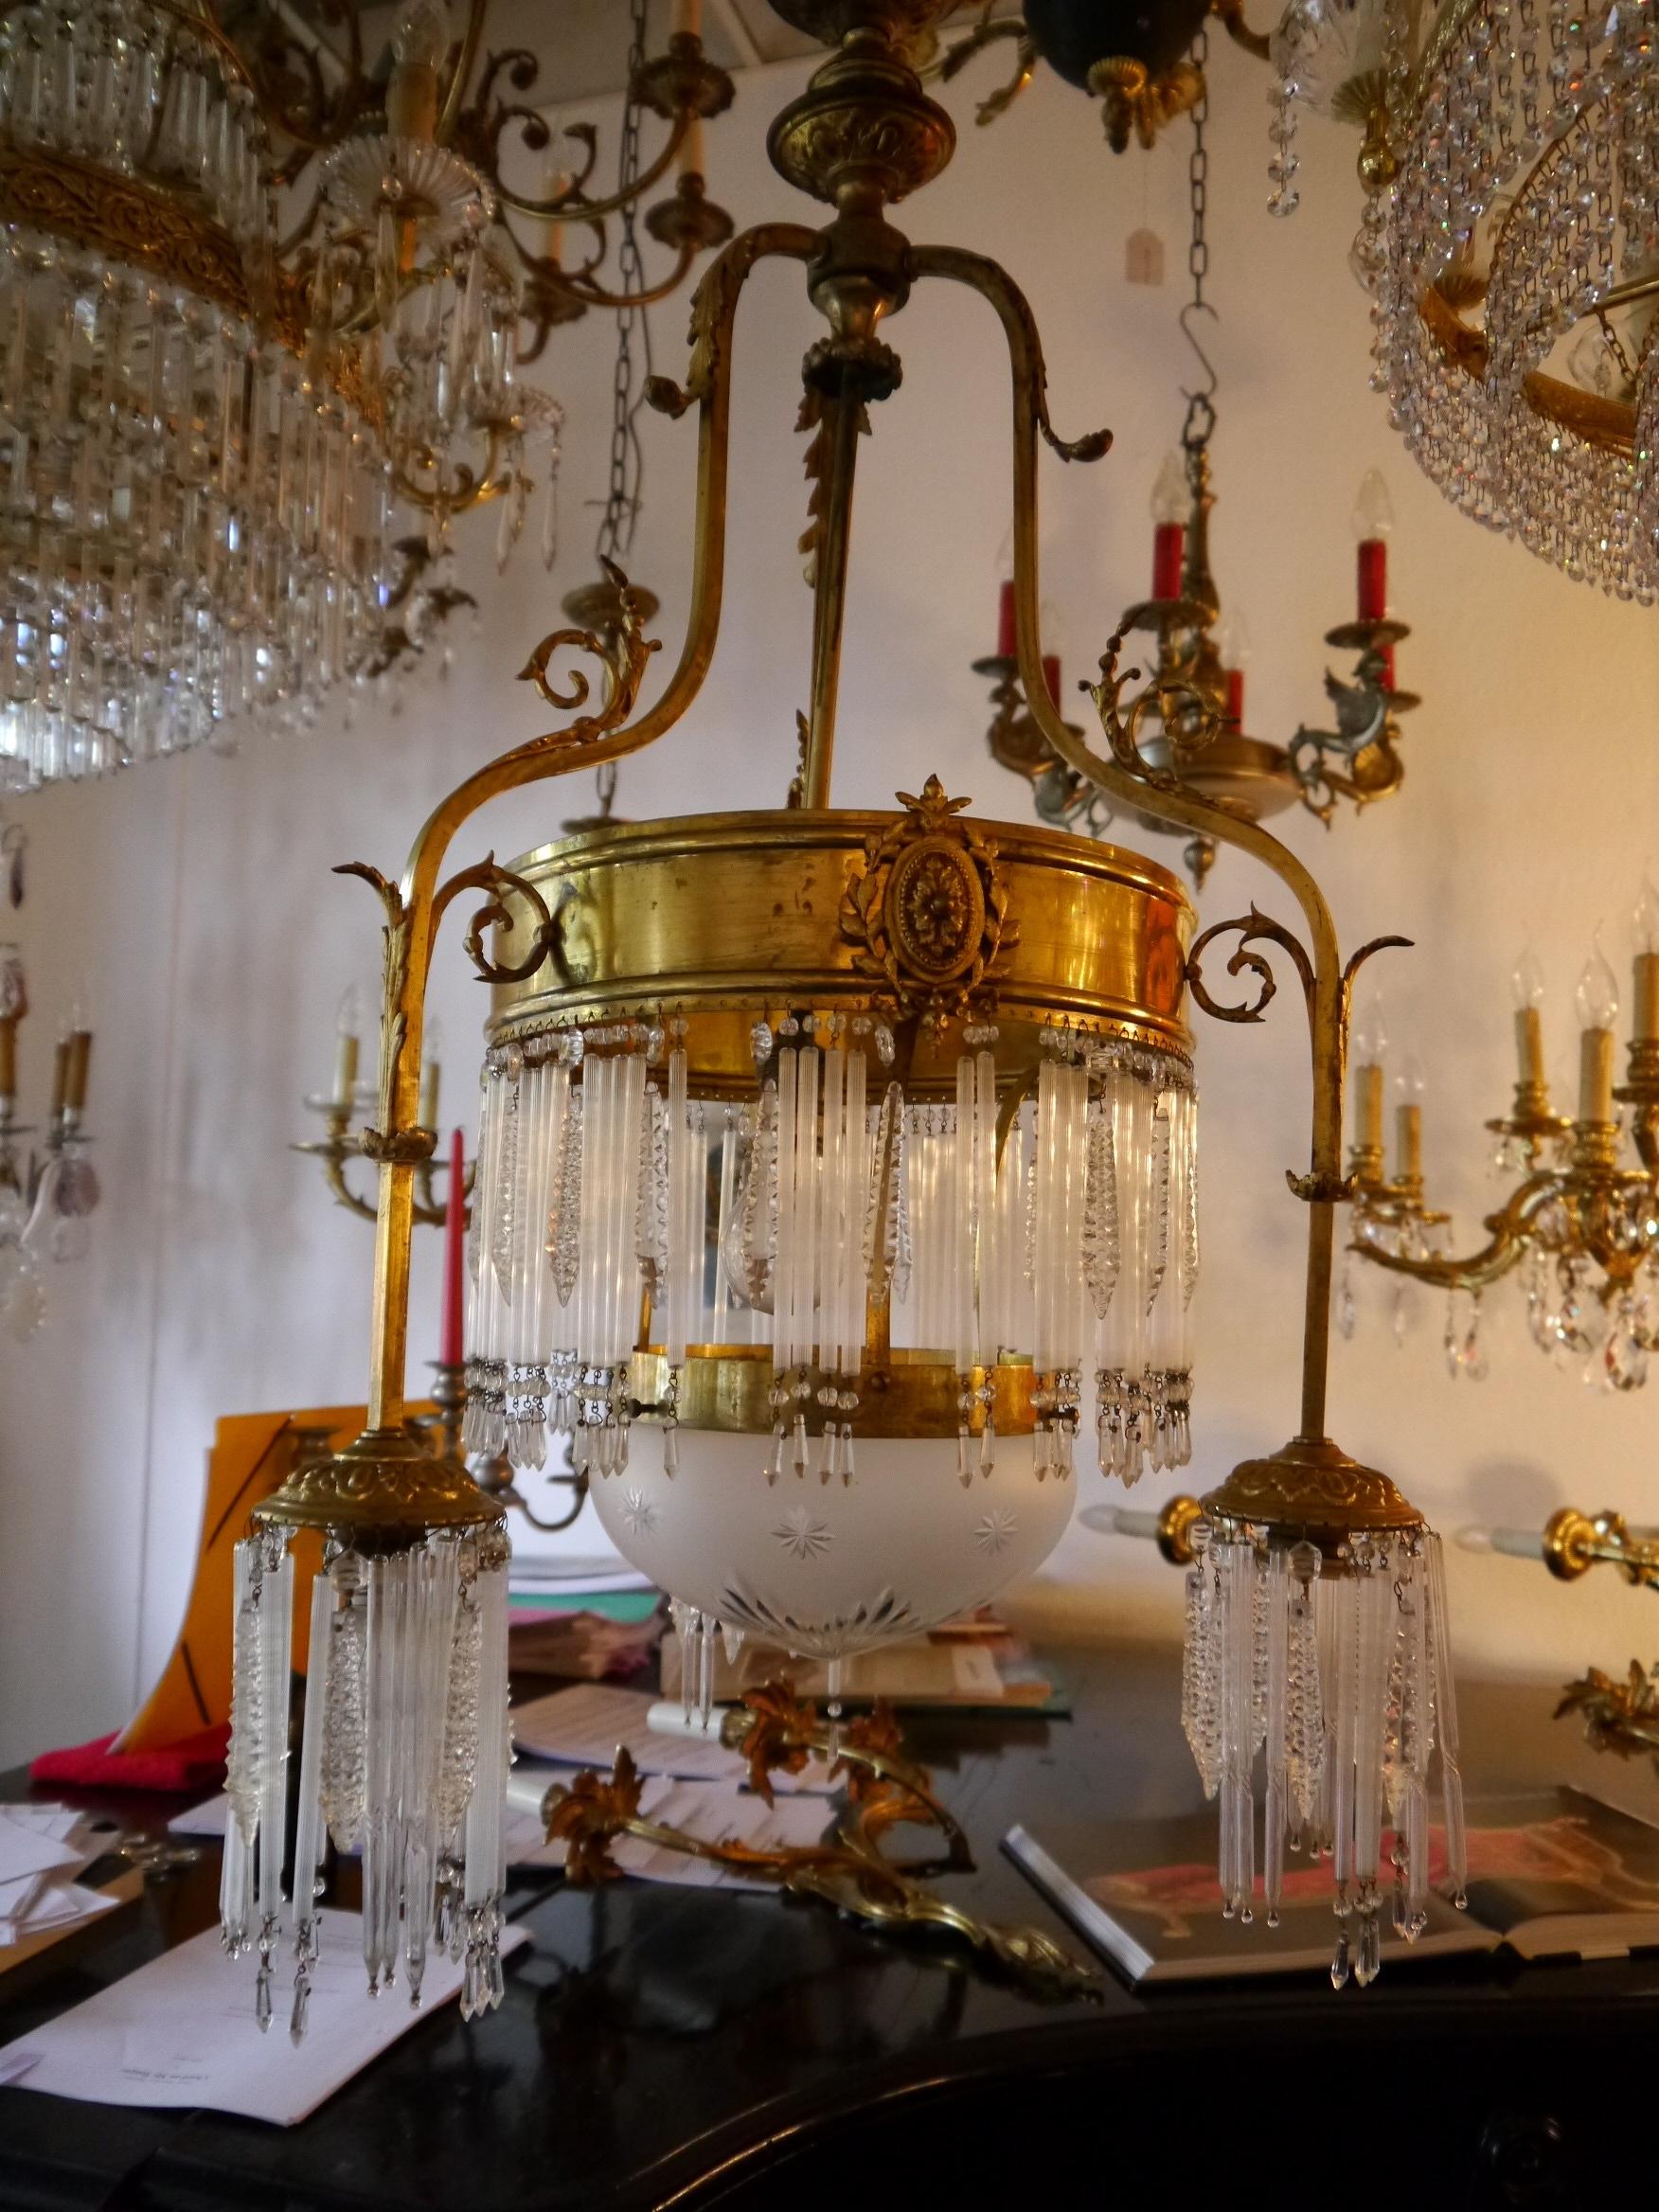 sac a perle 4 fl antike jugendstil lampe messing ppig mit glasst bchen geschm ckt verkauft. Black Bedroom Furniture Sets. Home Design Ideas